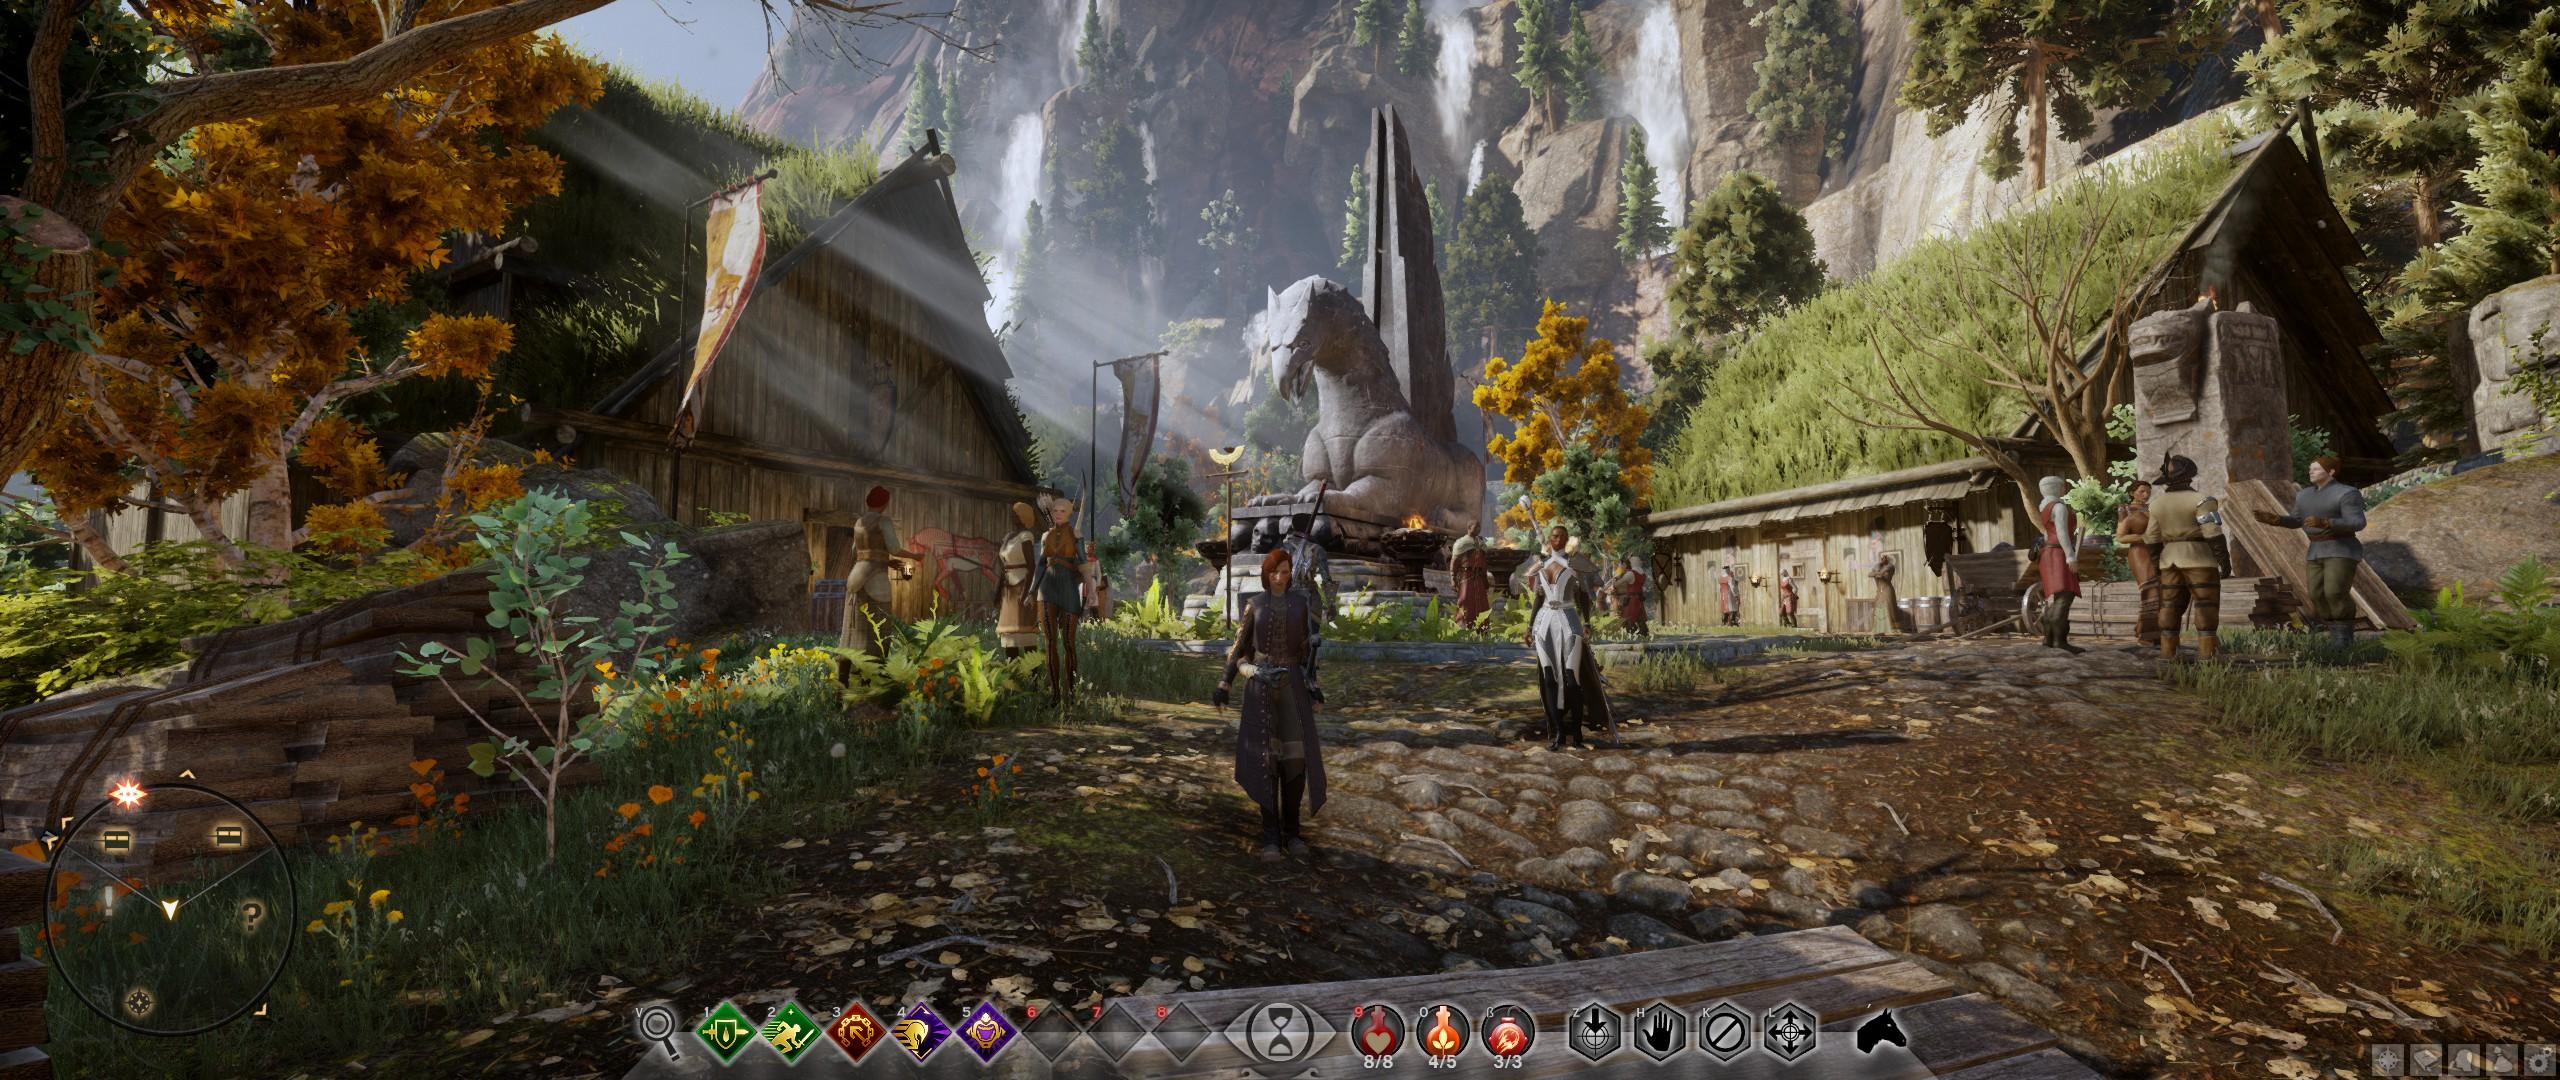 ScreenshotWin32_0021_Final